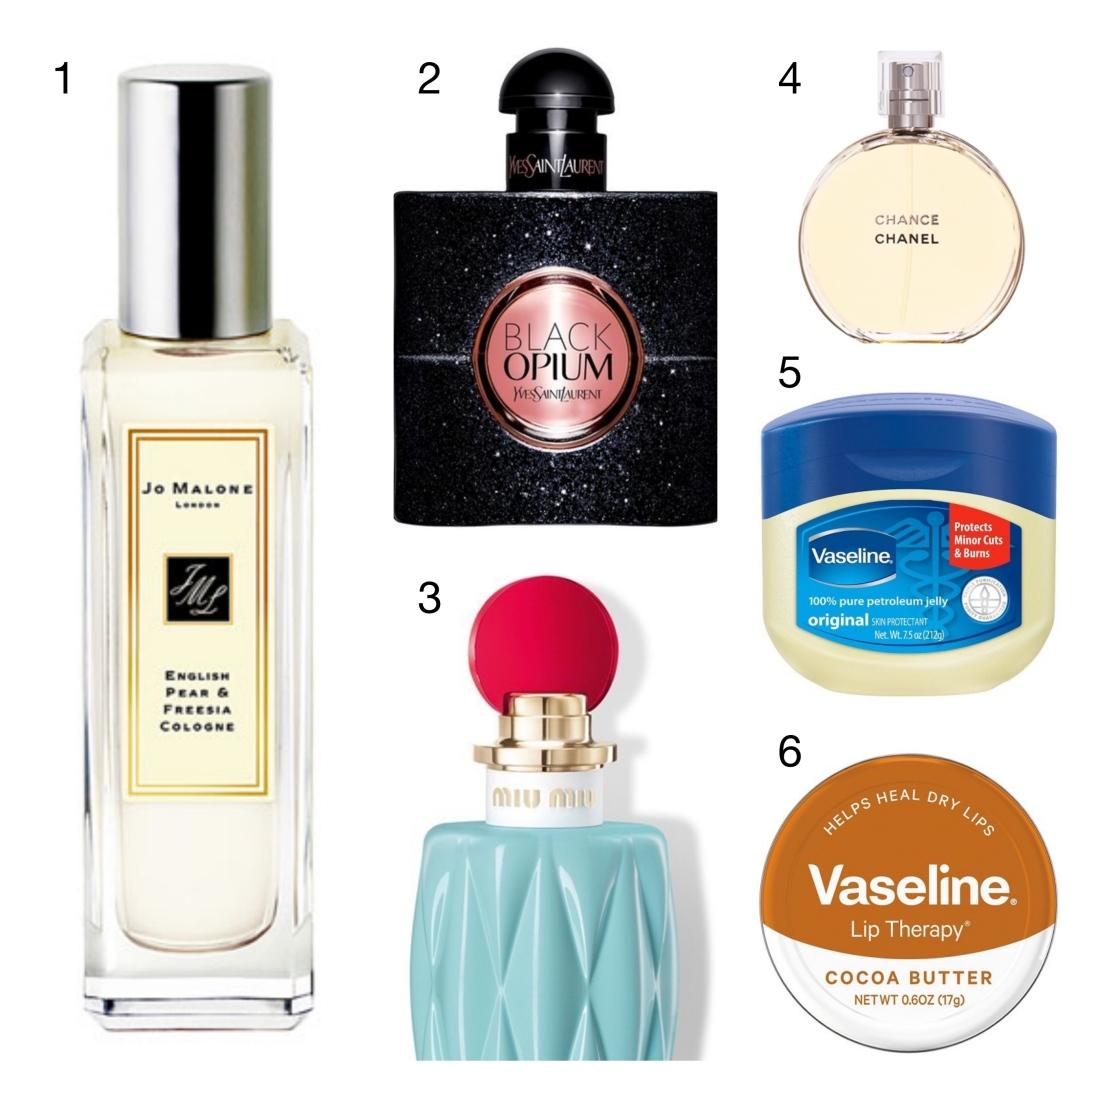 Vaseline and Perfume